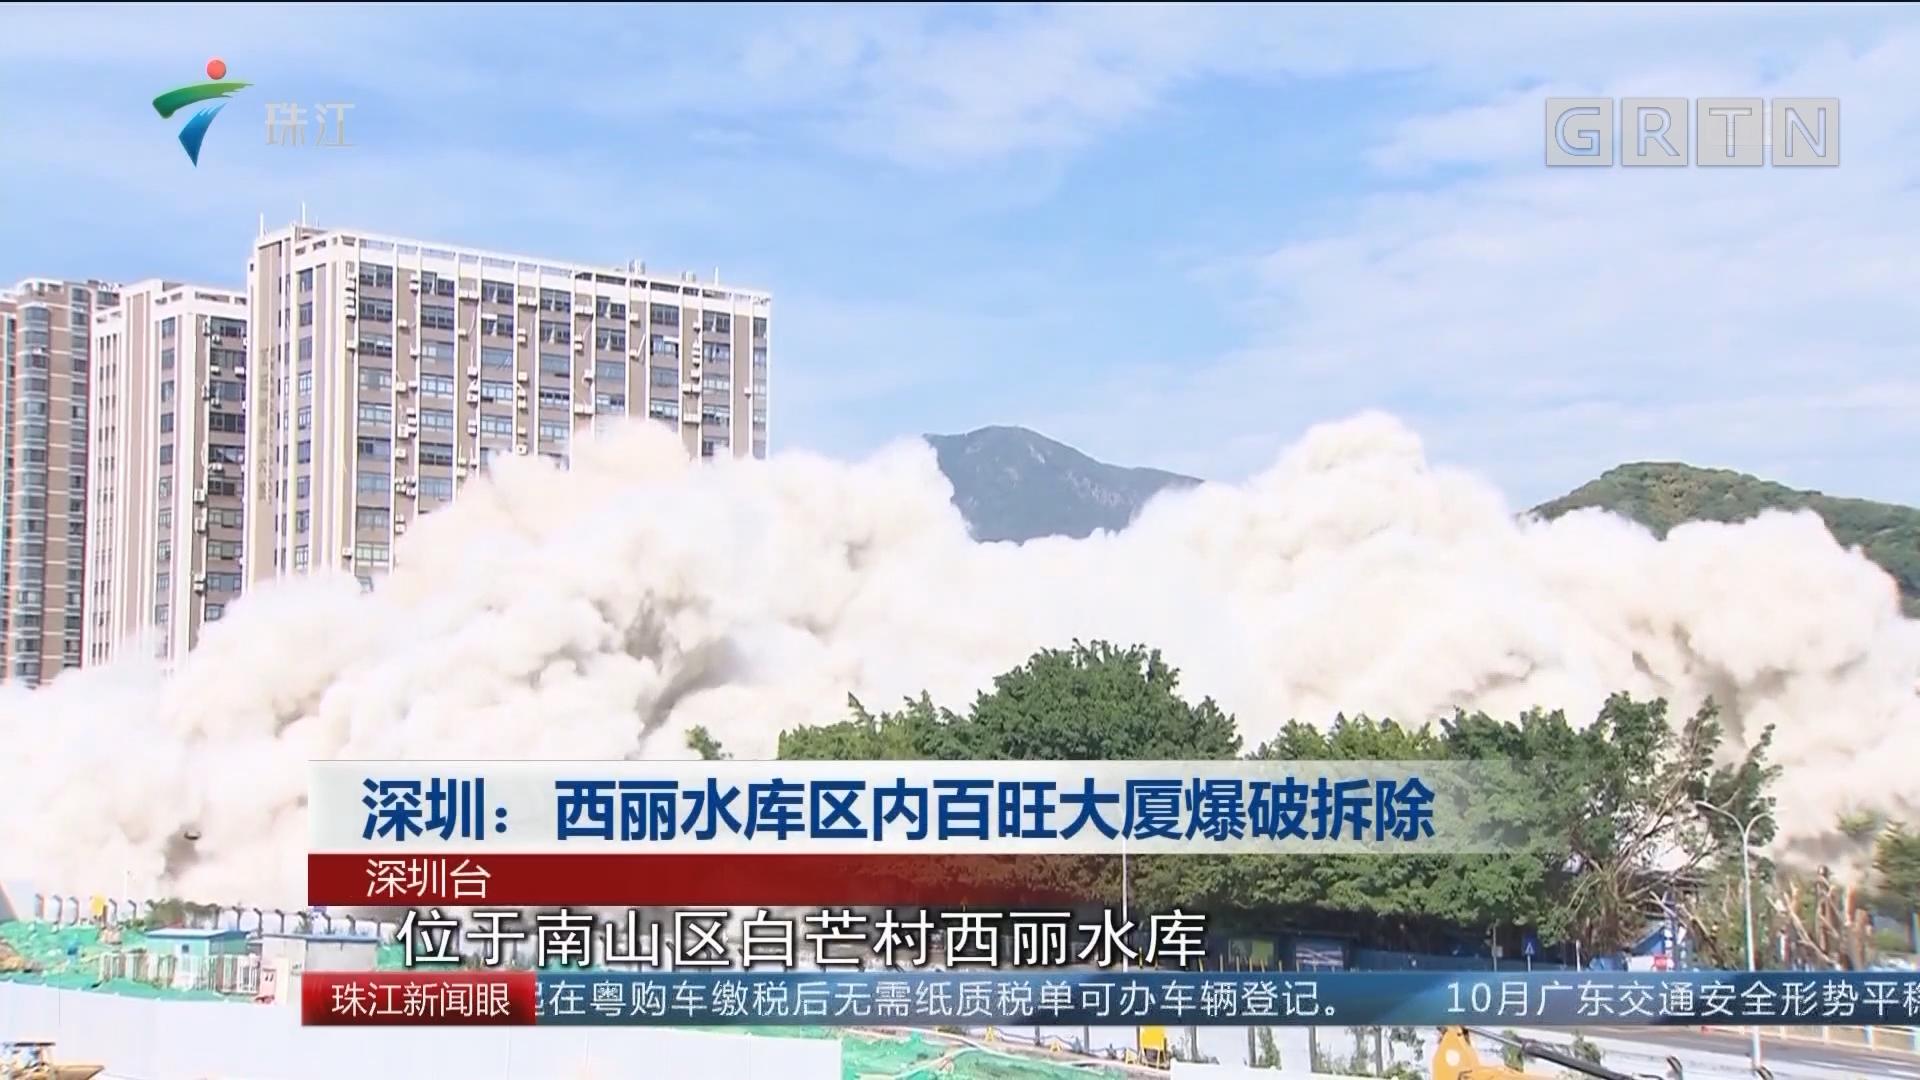 深圳:西丽水库区内百旺大厦爆破拆除